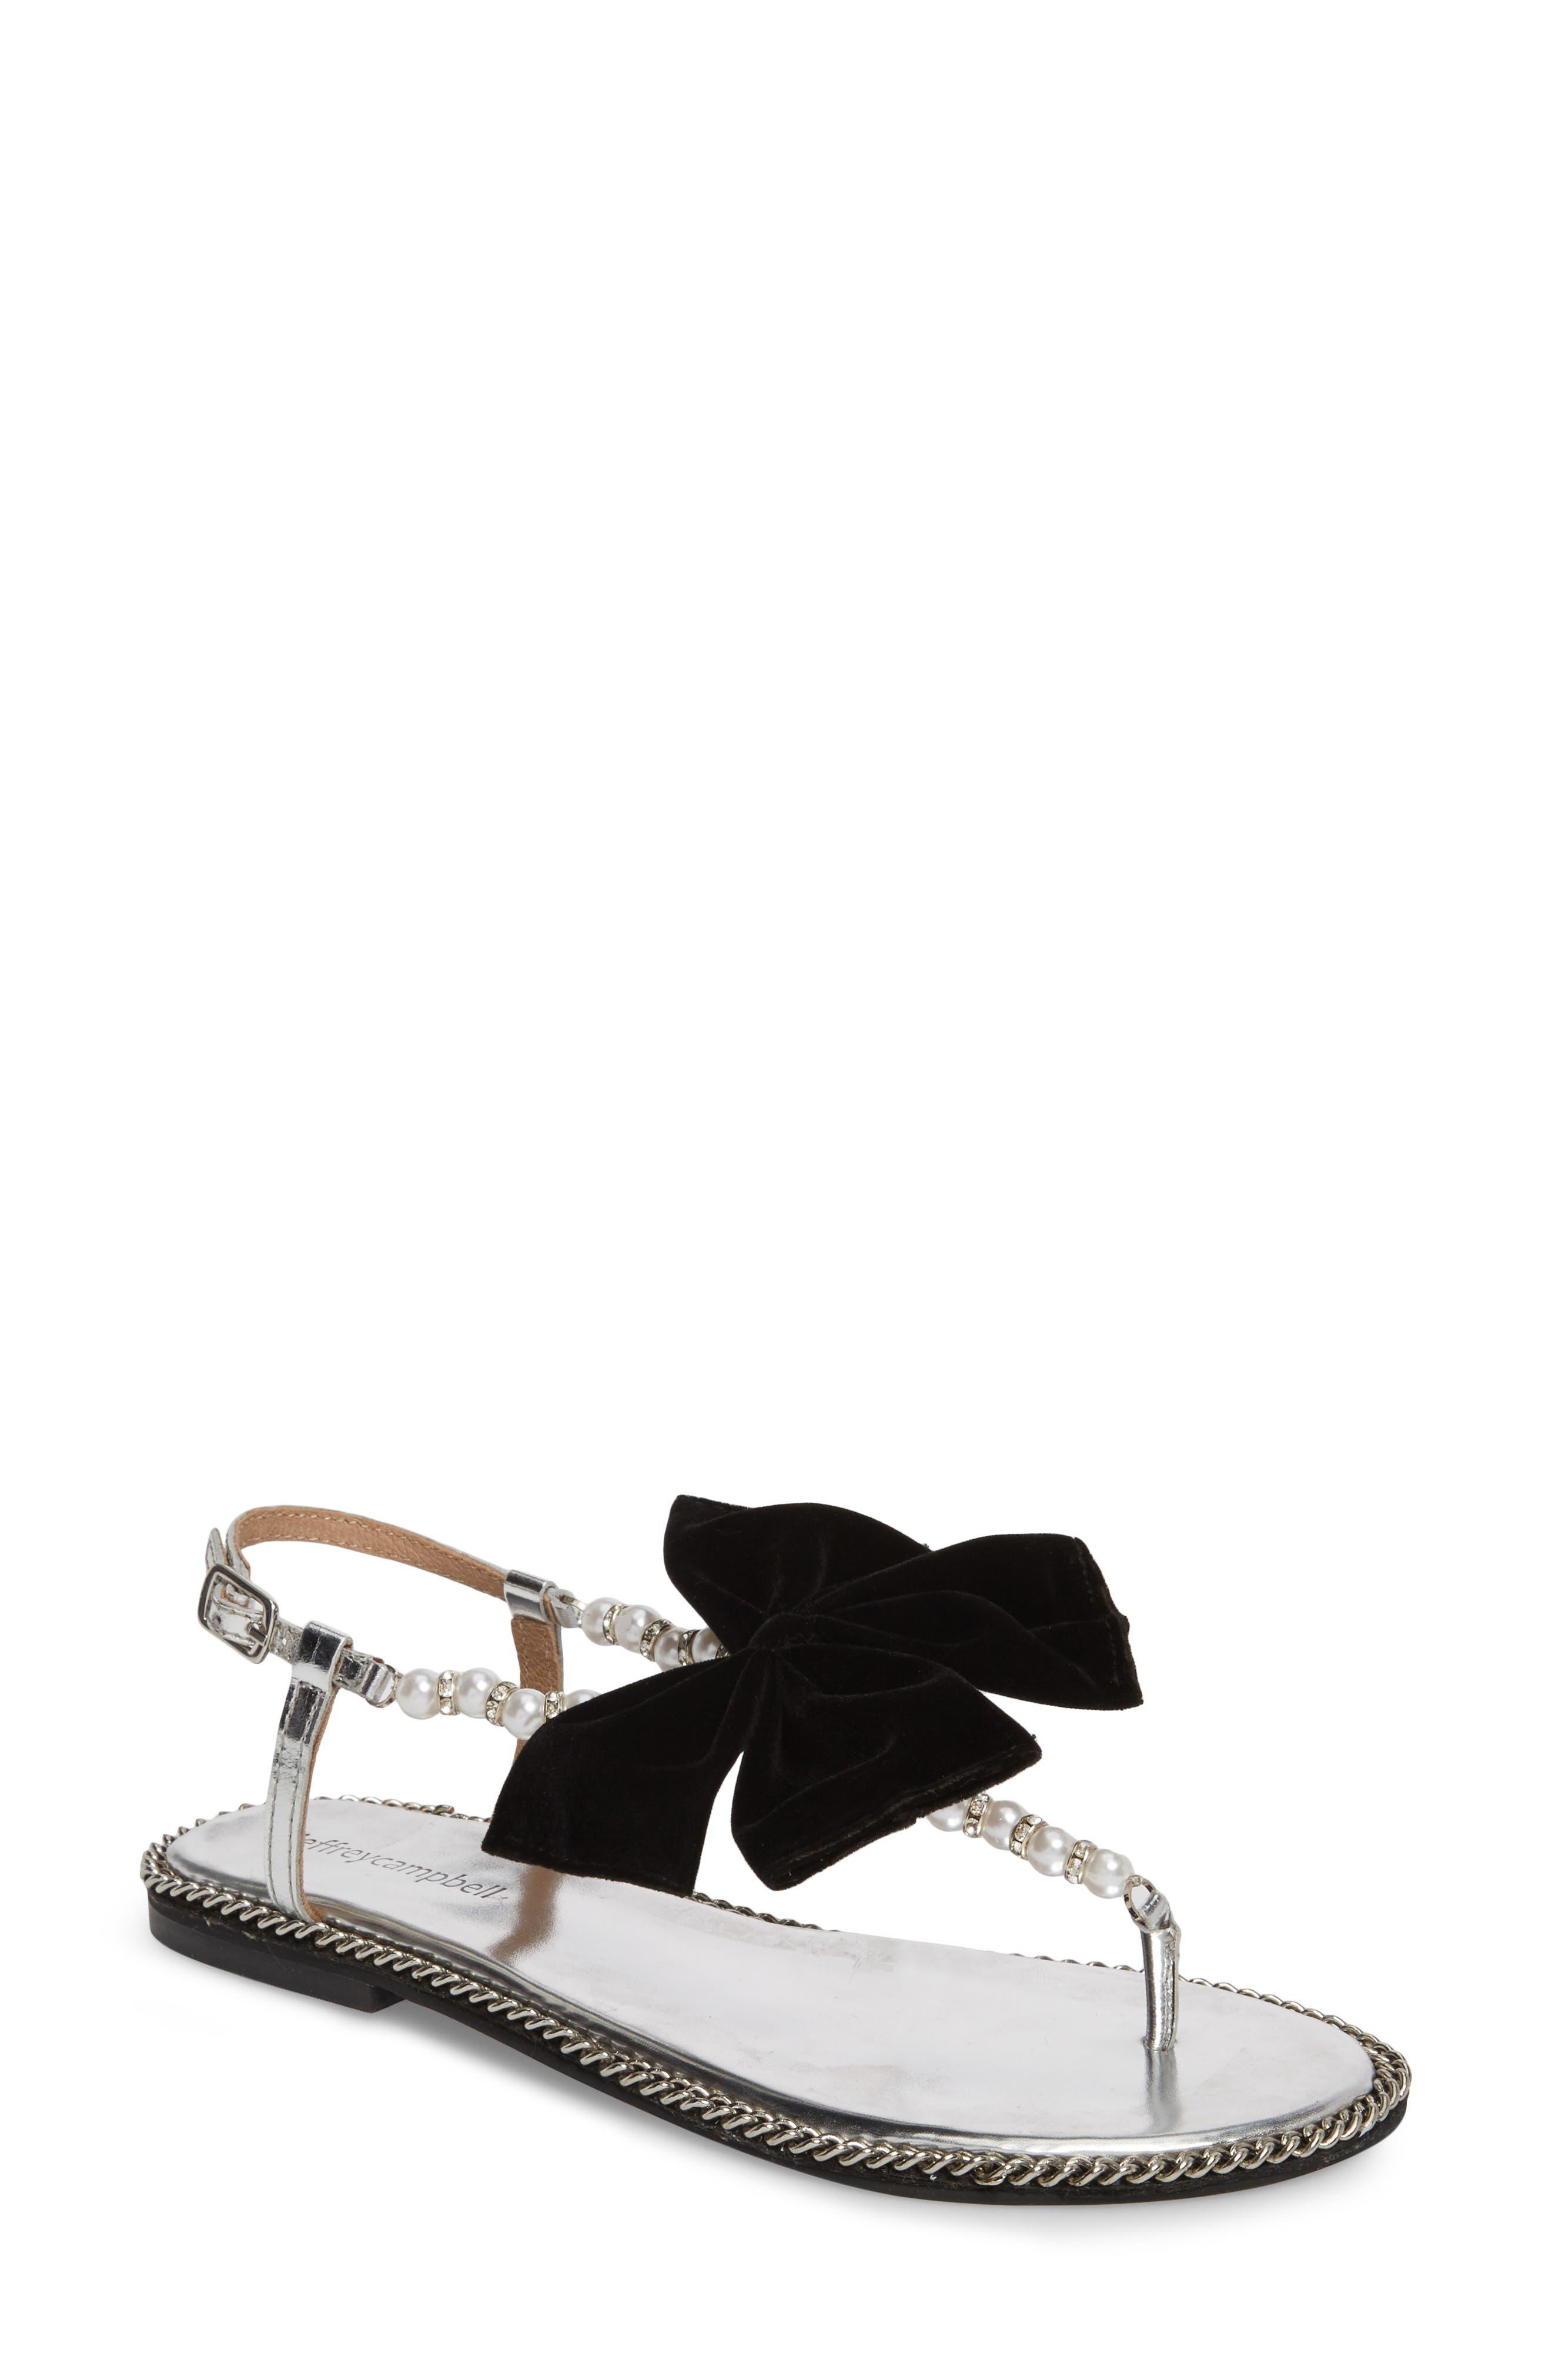 Adelisa Sandal,                             Main thumbnail 1, color,                             Silver Black Velvet